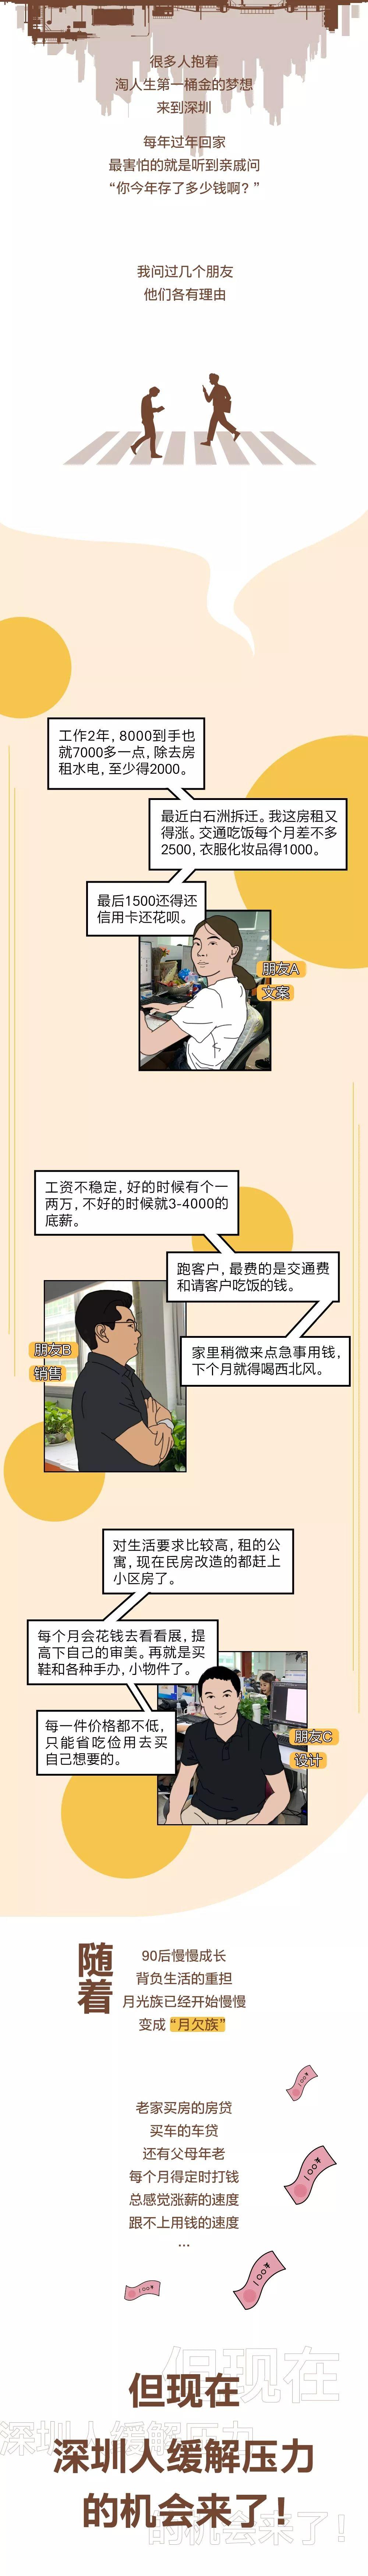 """北上广羡慕了!深圳又出""""万能卡""""!吃喝玩乐都打折,深圳人免费领!"""